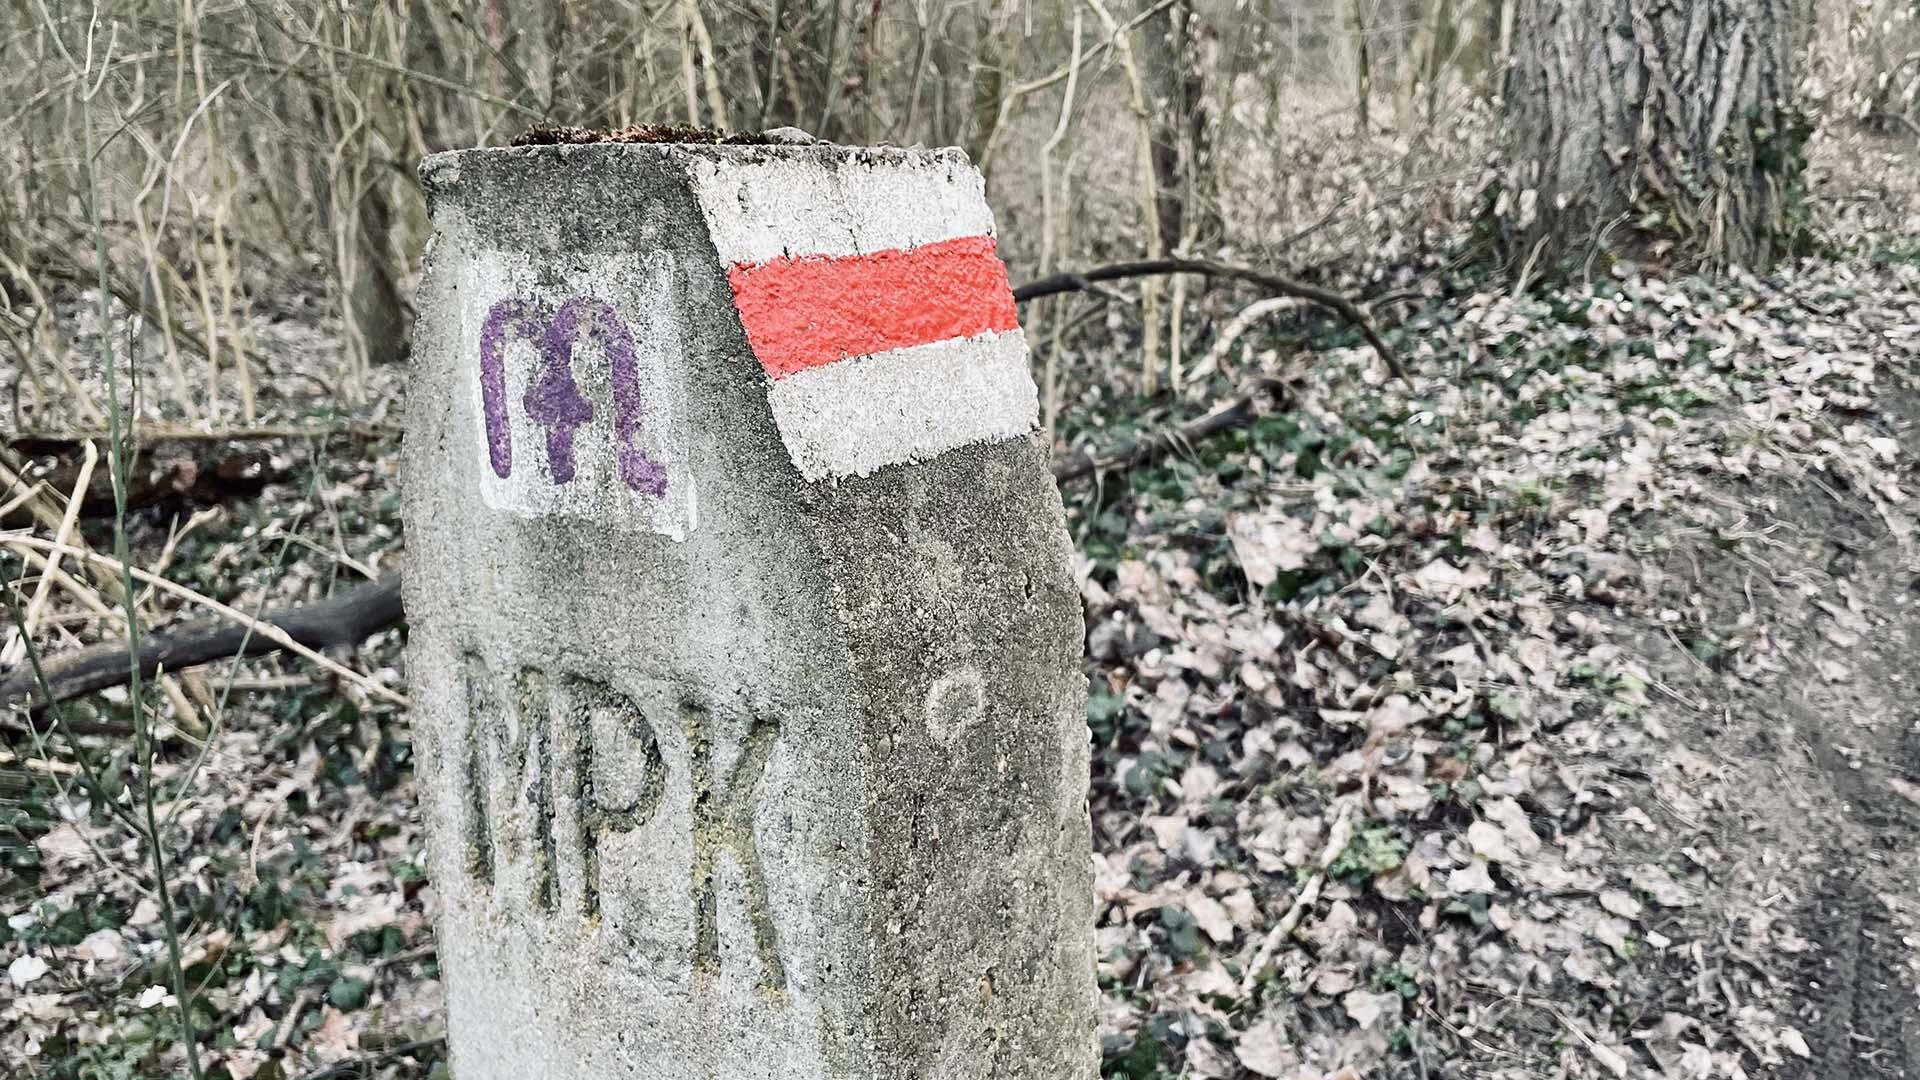 Babatpusztára a Gödöllői Dombvidéken-13